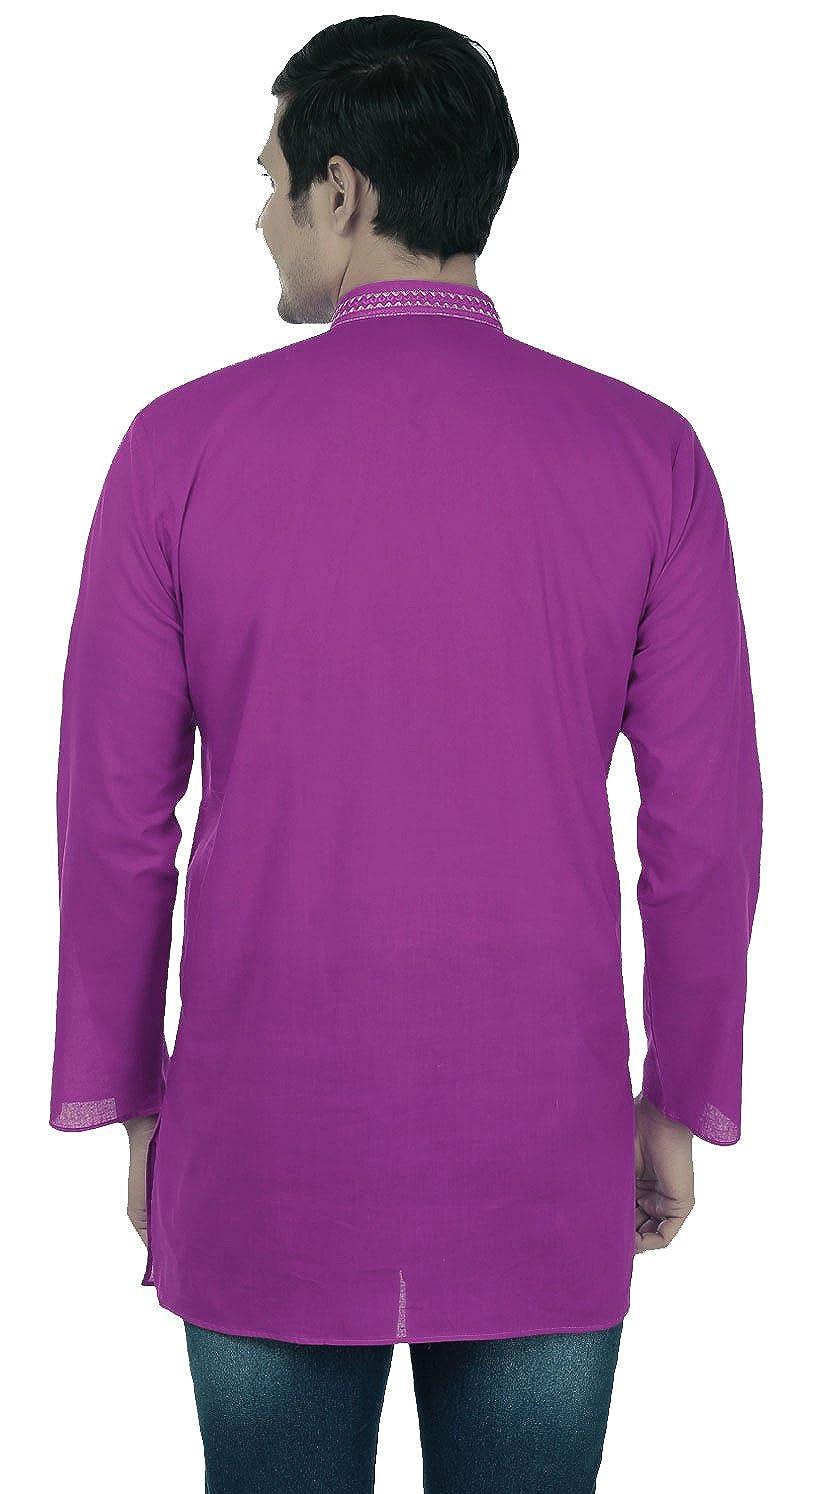 MapleClothing Arce Ropa Algodón para Hombre Corto Kurta Camiseta Bordado Indio Vestido - Púrpura -: Amazon.es: Ropa y accesorios